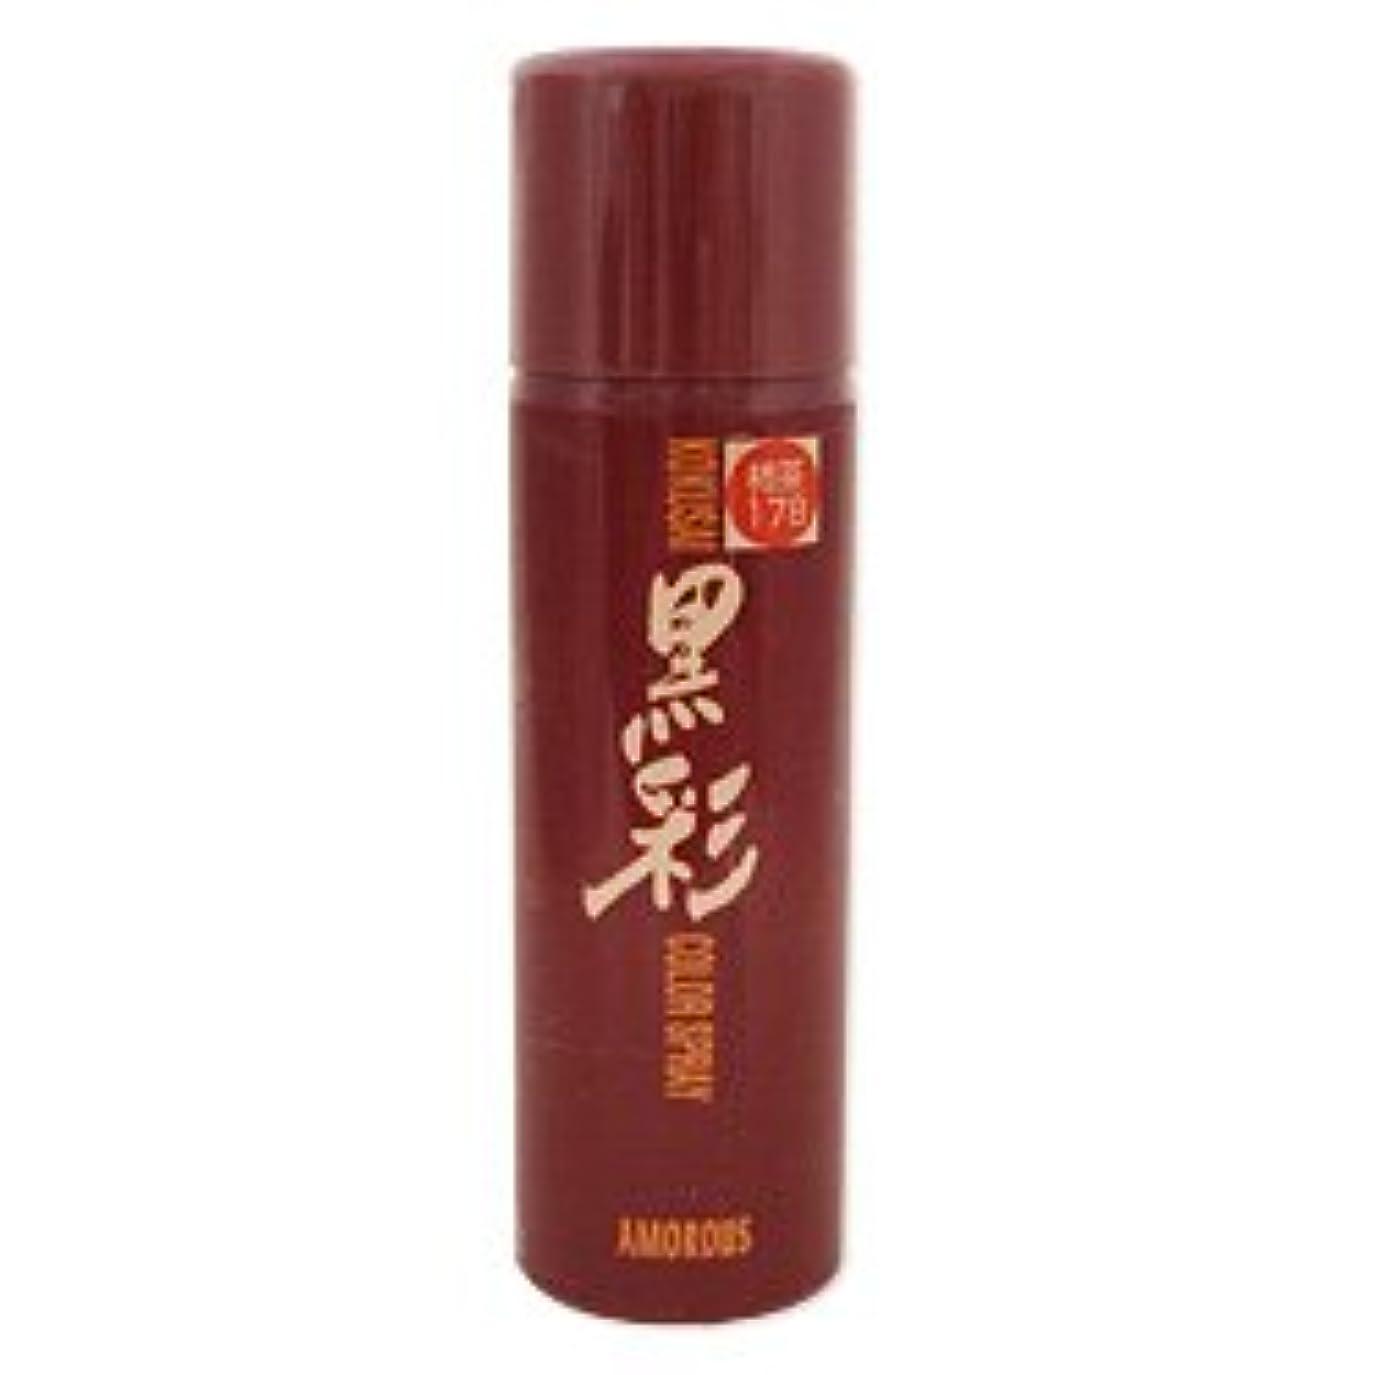 顔料ボウリング不十分なアモロス 黒彩ヘアカラースプレー 柿茶 178S 135ml